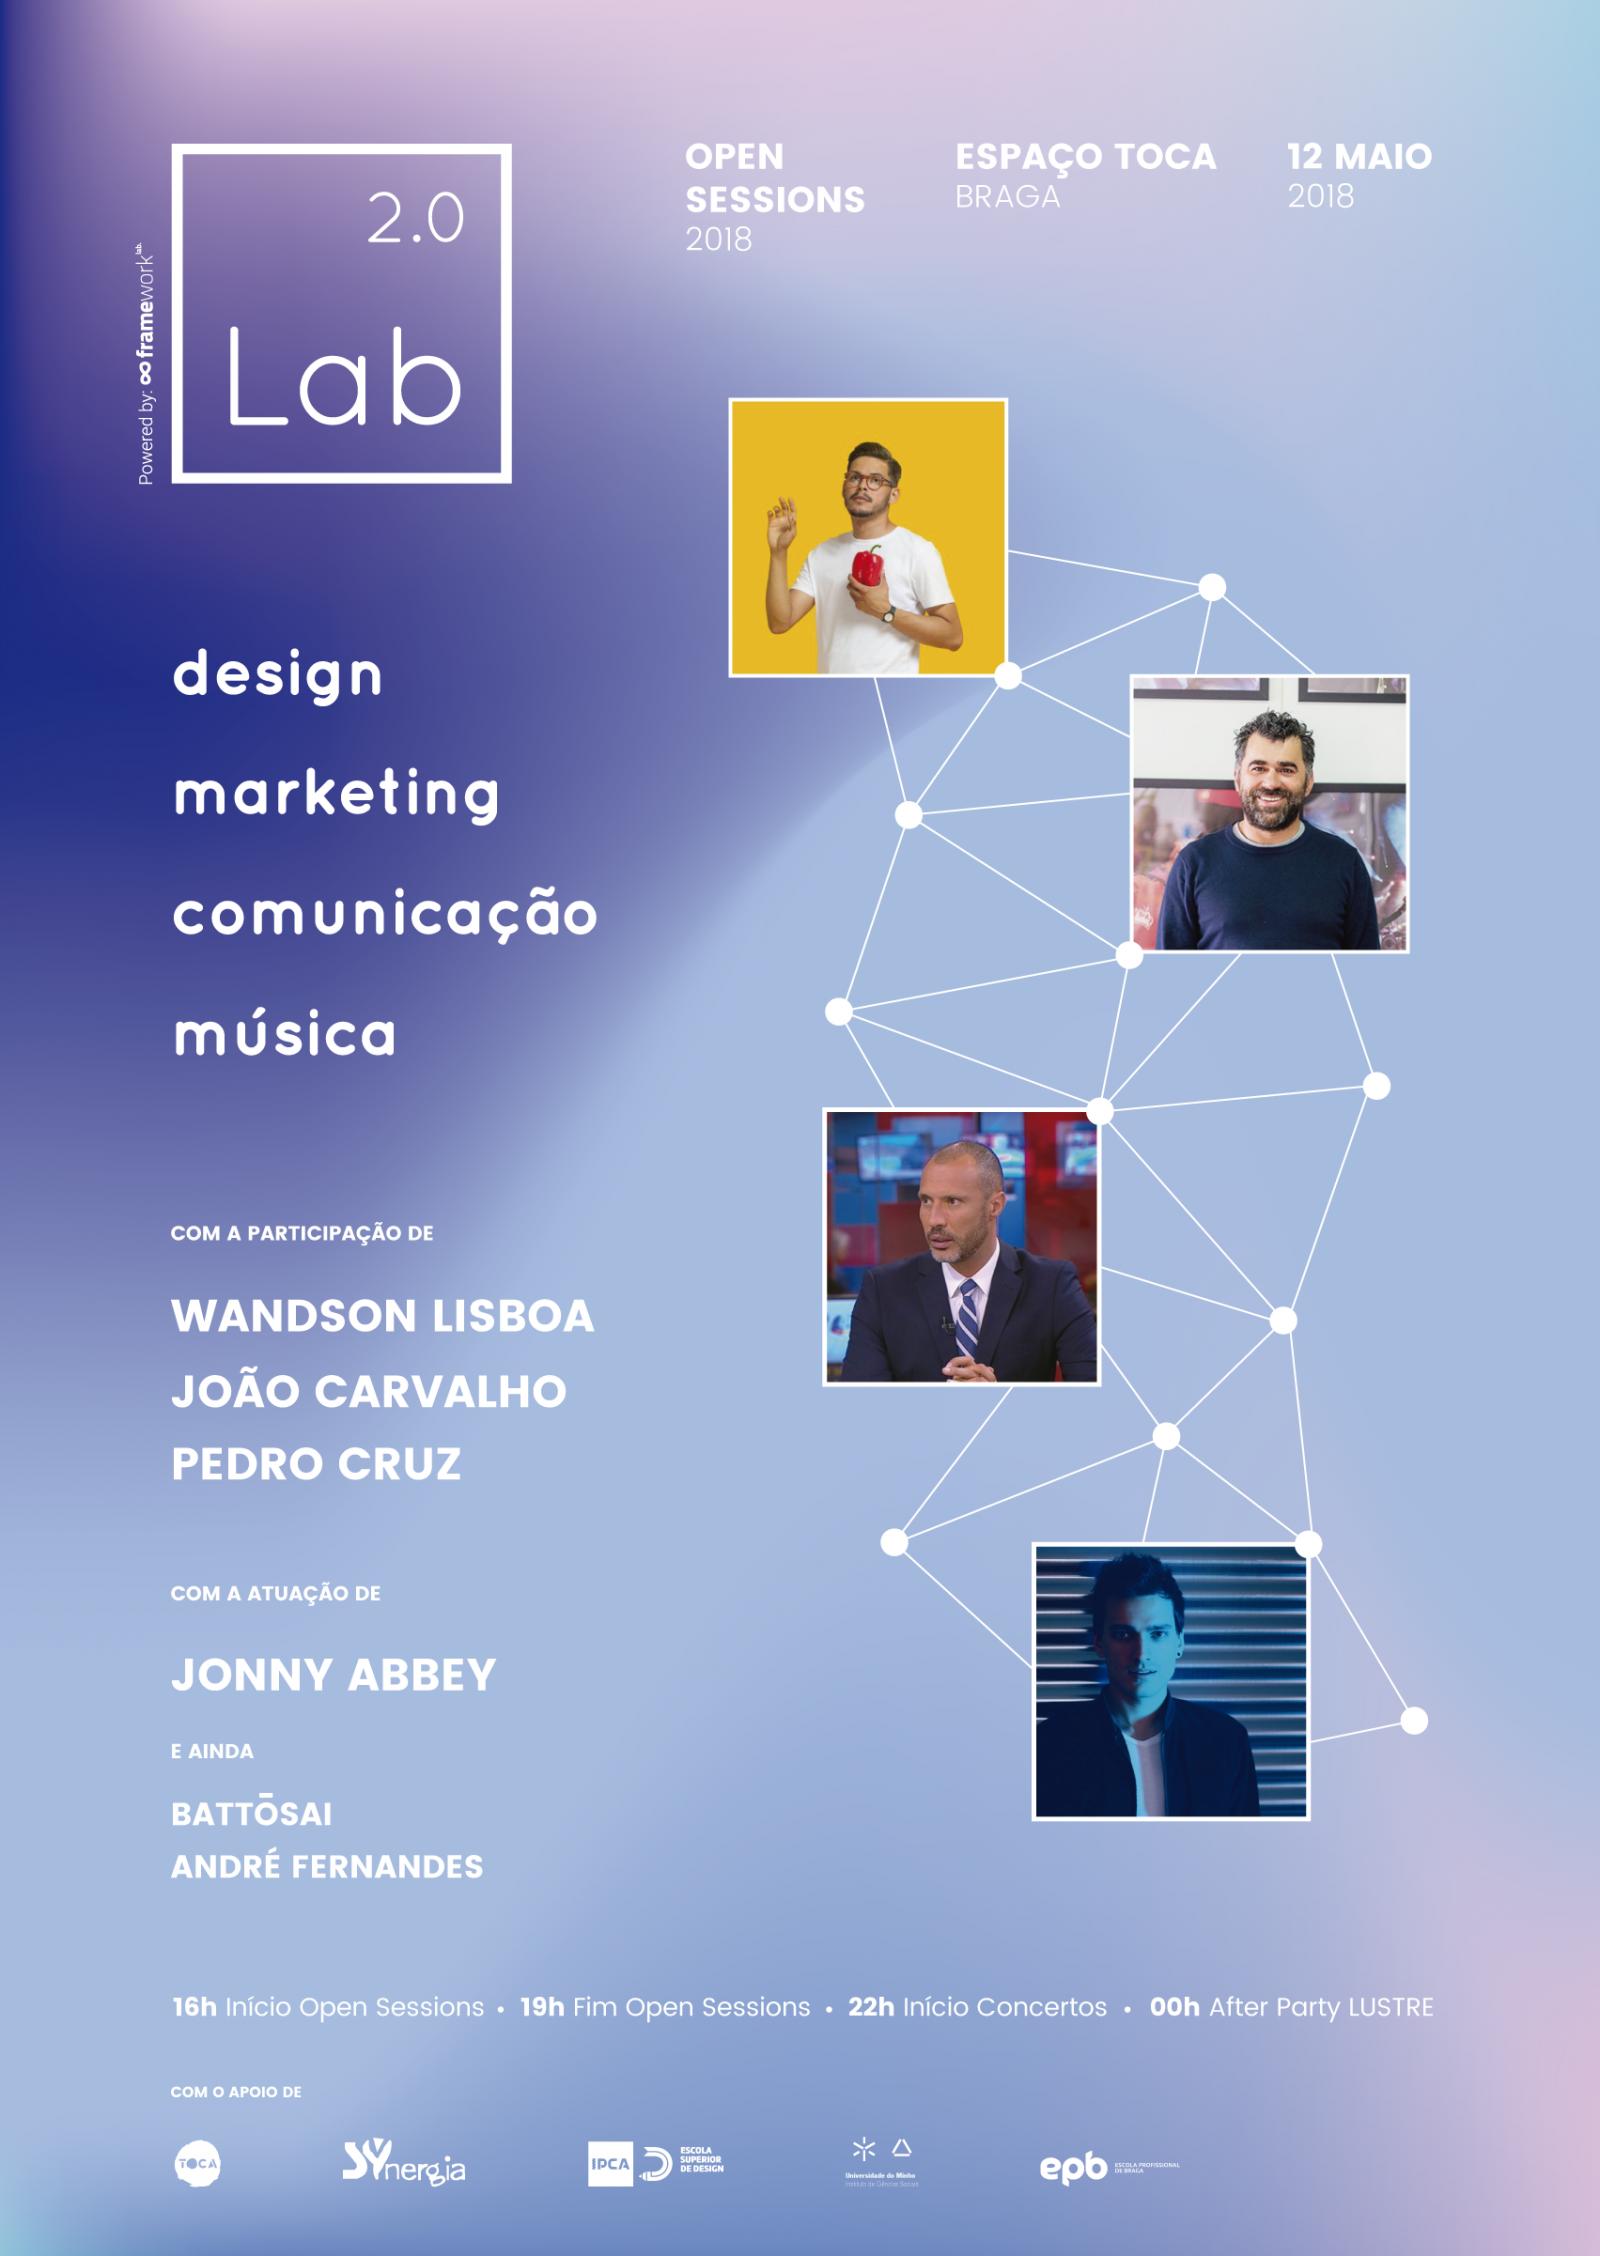 lab 2.0